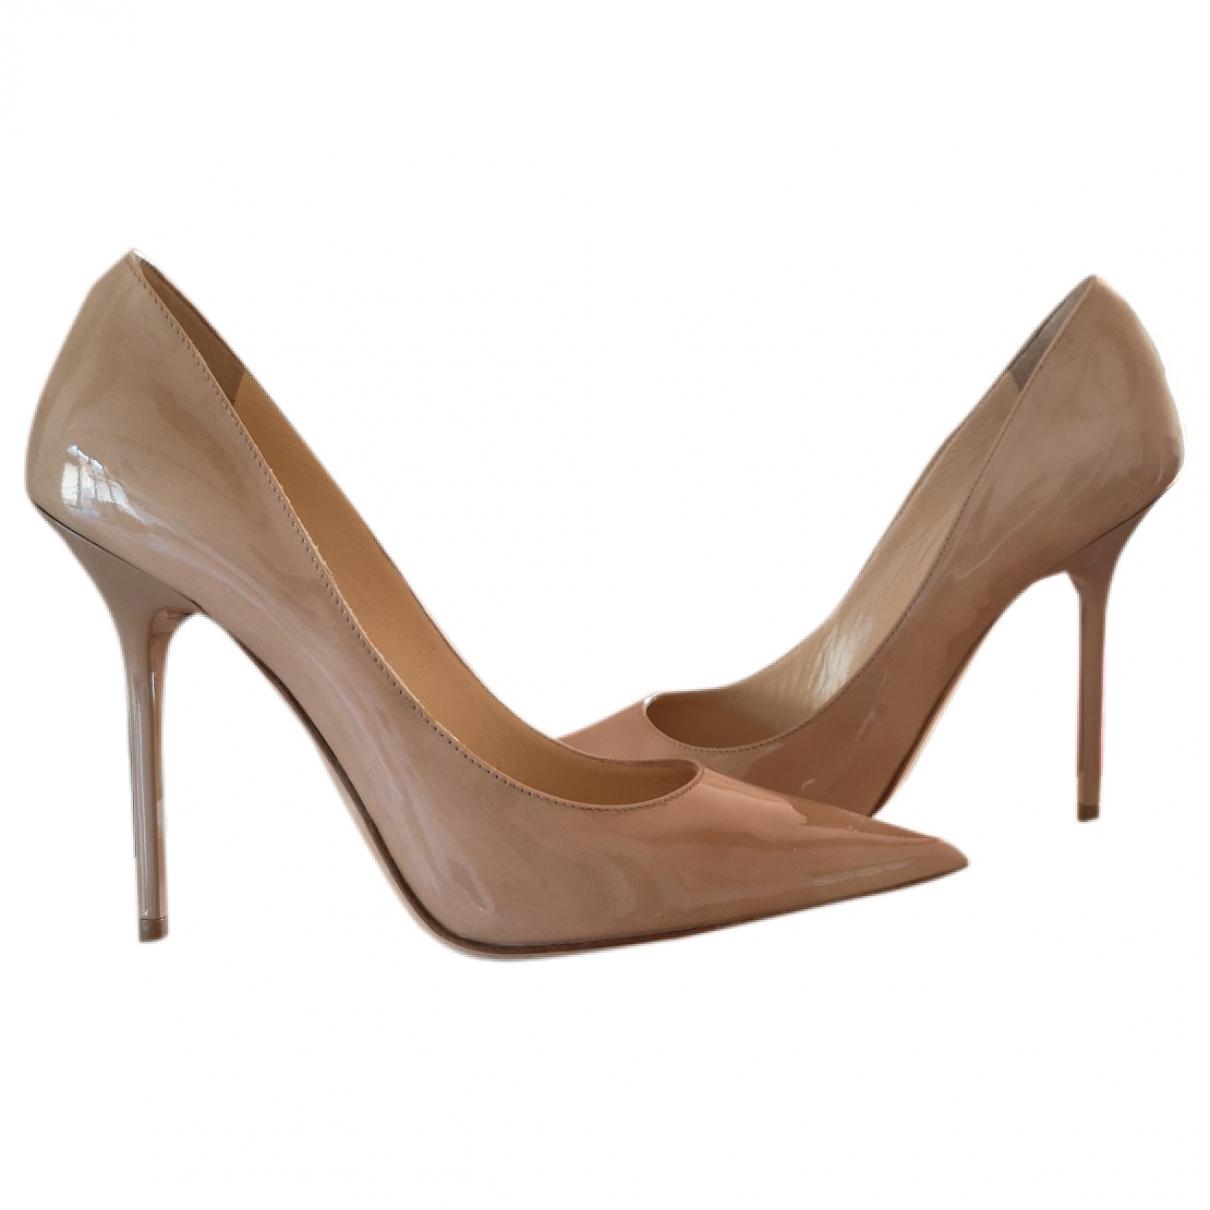 Jimmy Choo Anouk Beige Leather Heels for Women 36 EU